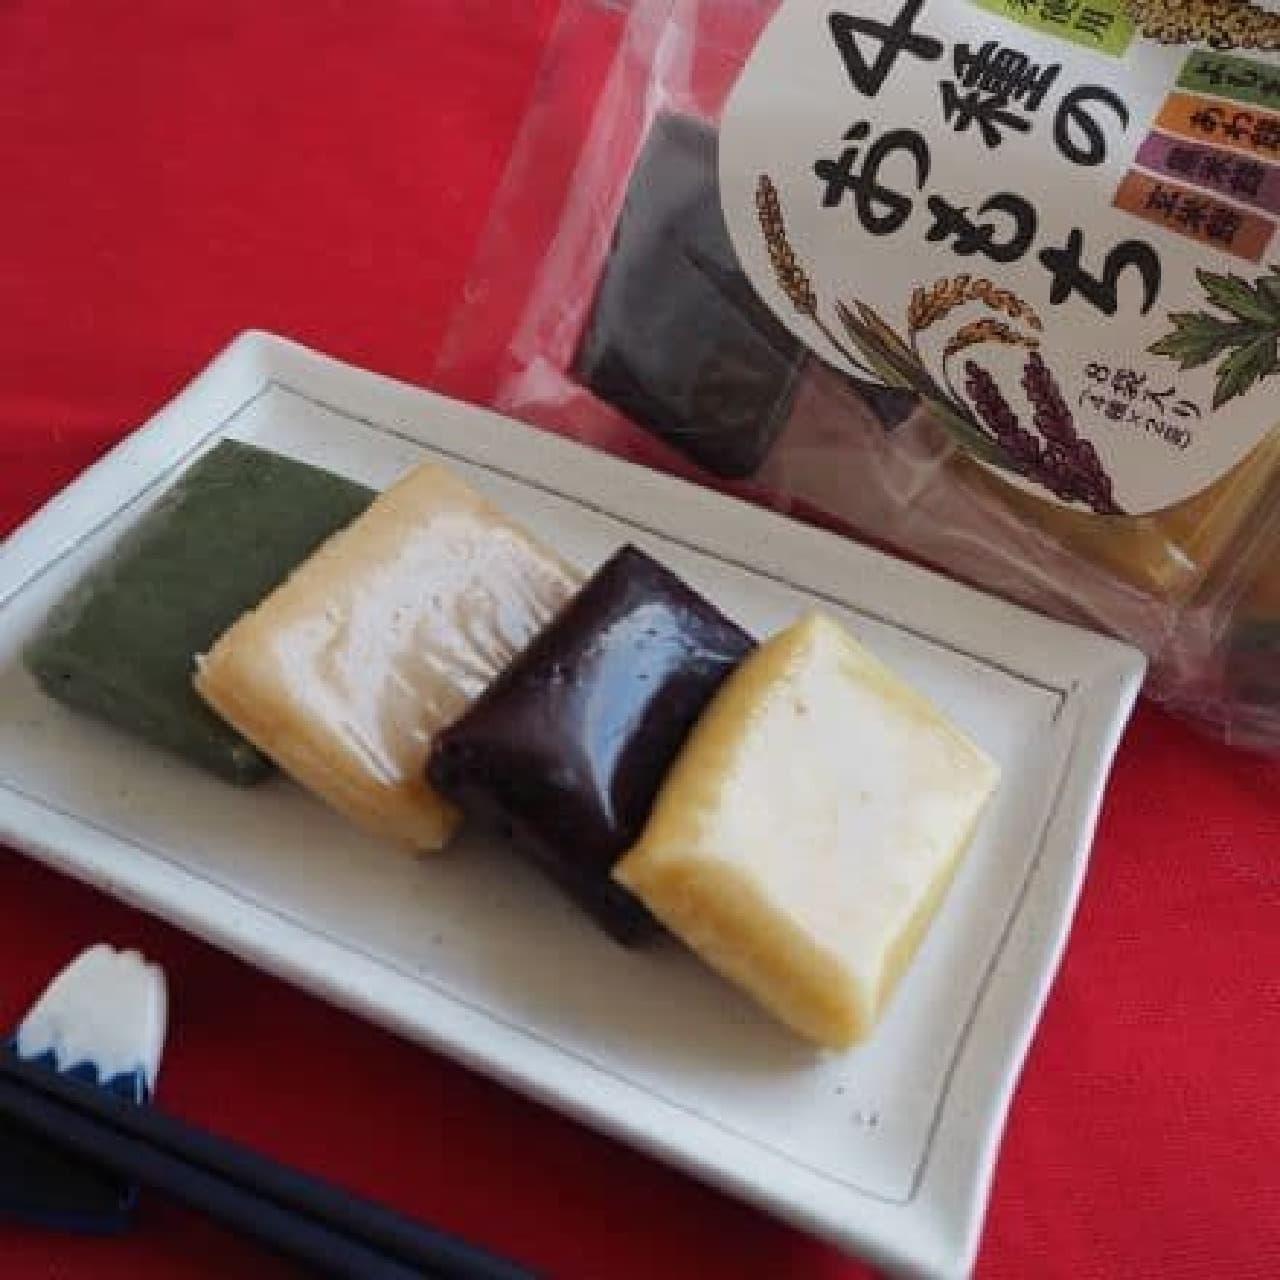 「もちや 4種のおもち」は、国産のもち米を使用した4種のお餅のアソート